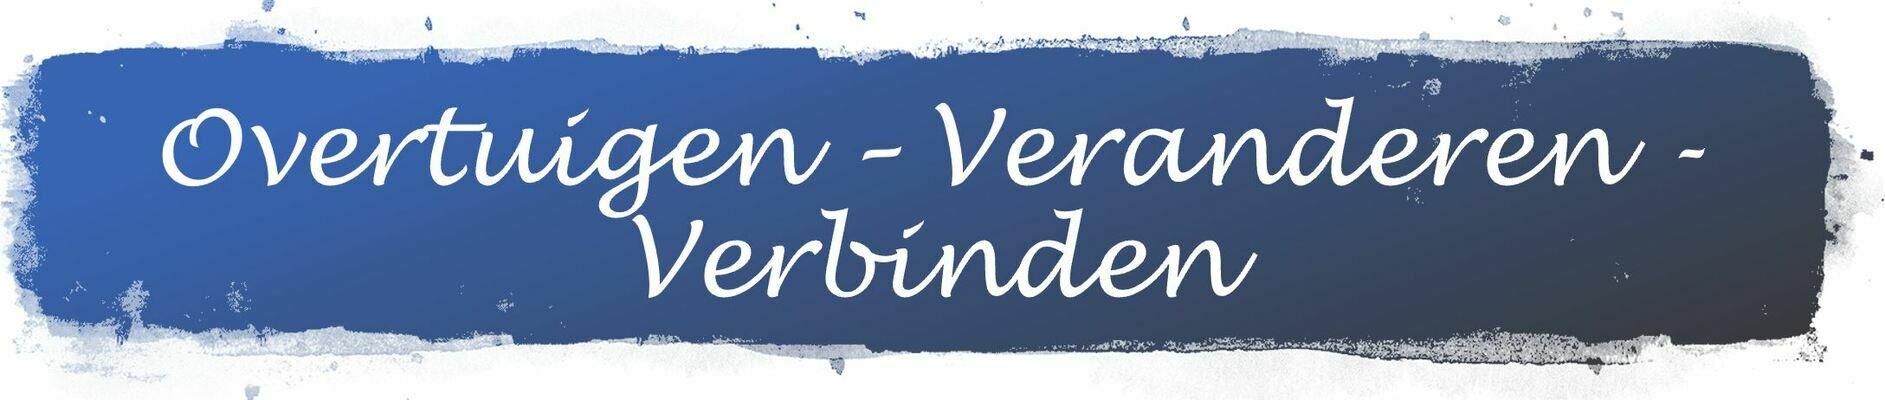 Jaarcongres voor Griffiemedewerkers 4 oktober 2019 Leeuwarden